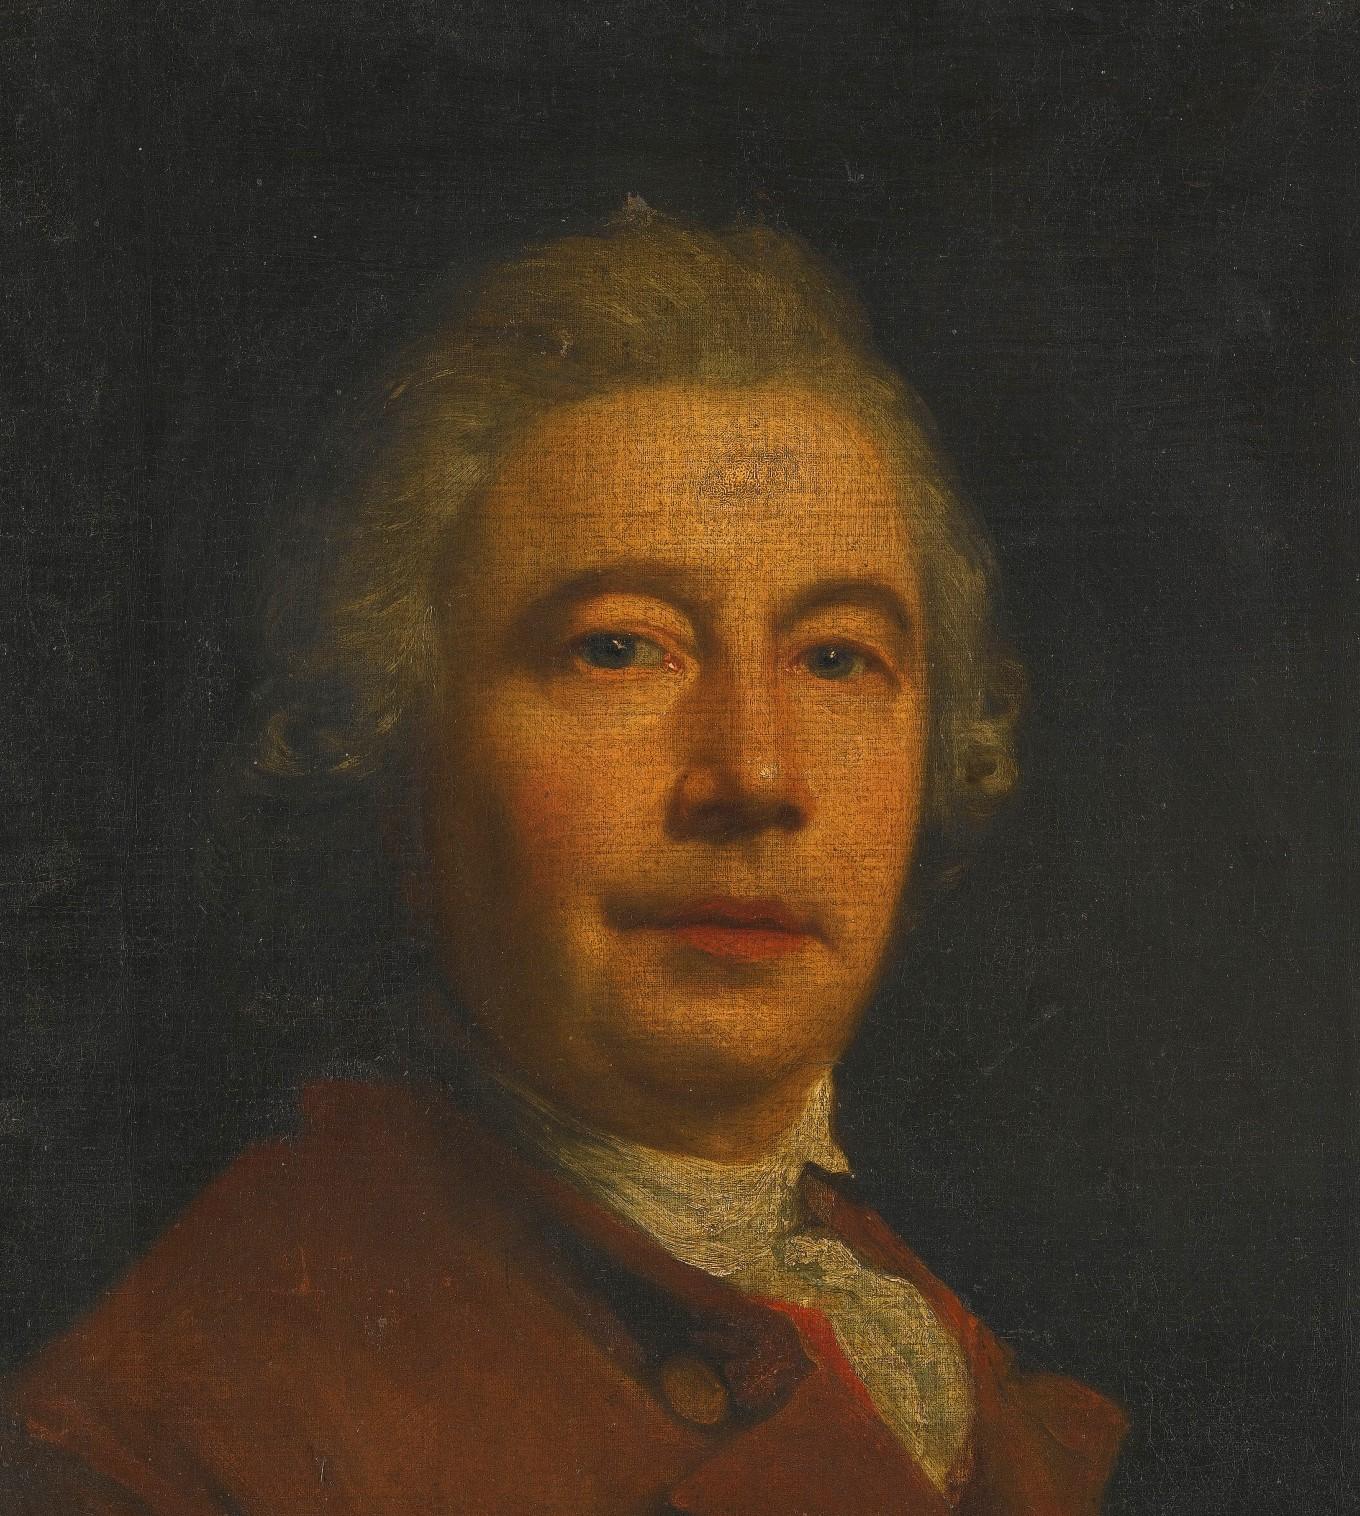 Nathaniel Hone